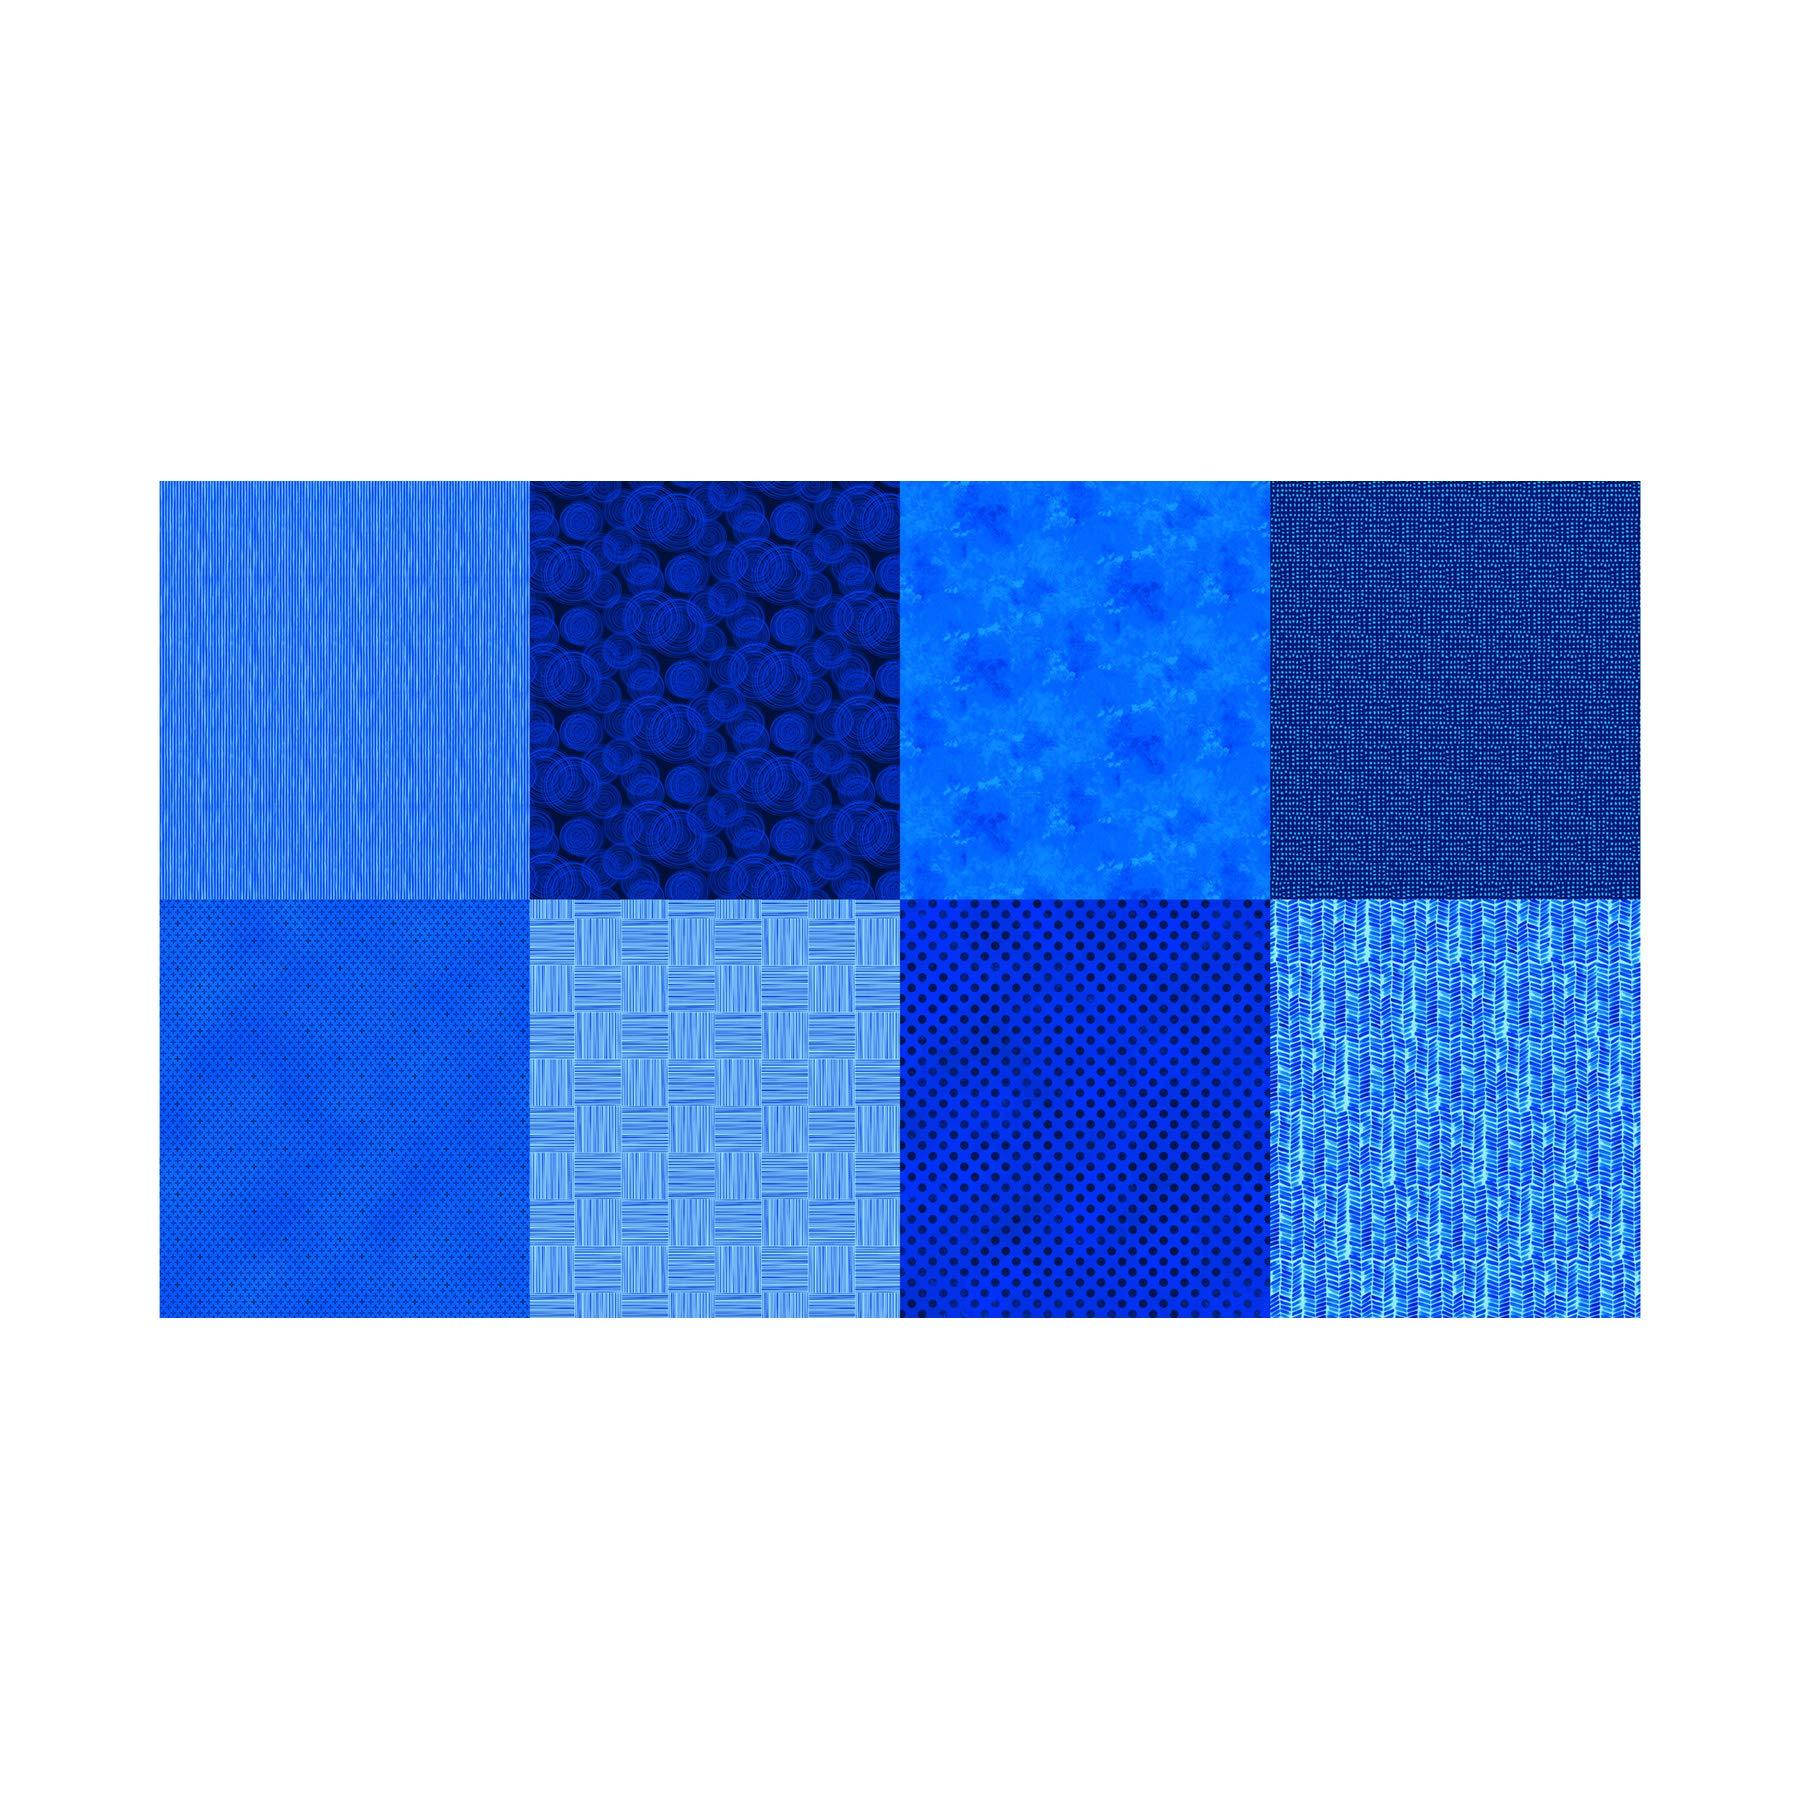 Hoffman Fabrics Hoffman Digital Details 90'' Blender Panel Fabric, Sapphire